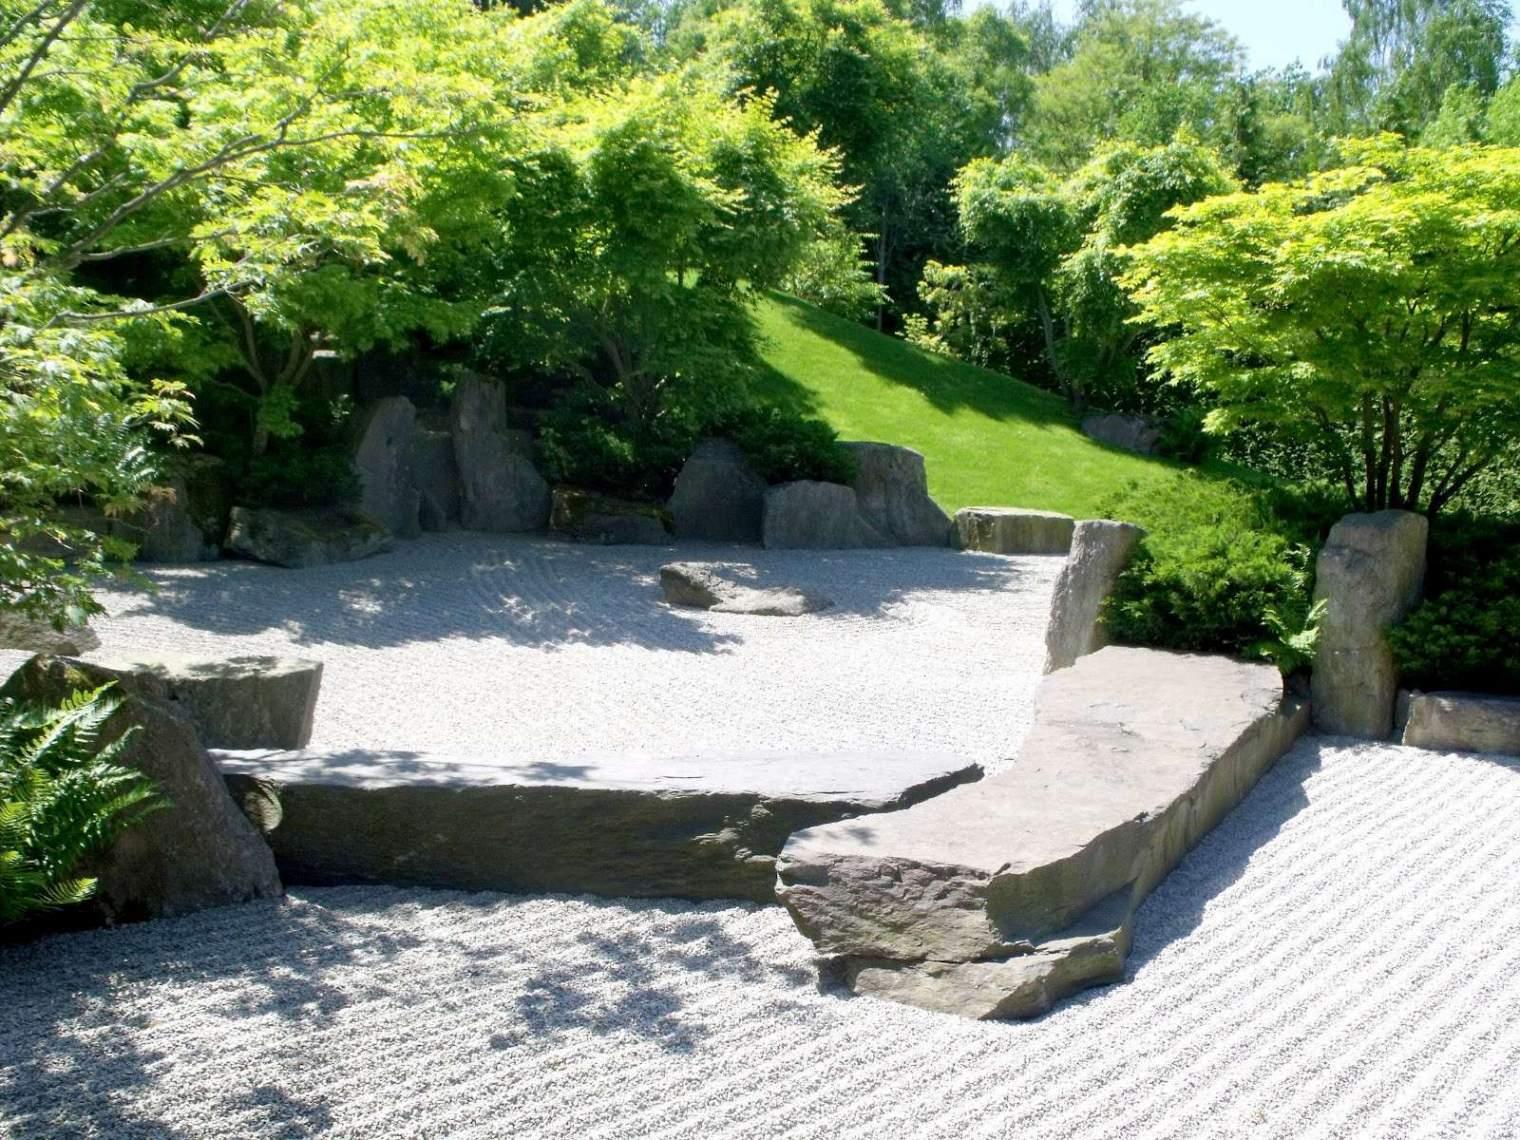 Ideen Für Gartengestaltung Genial 24 Schön Schöne Gärten Bilder Inspirierend